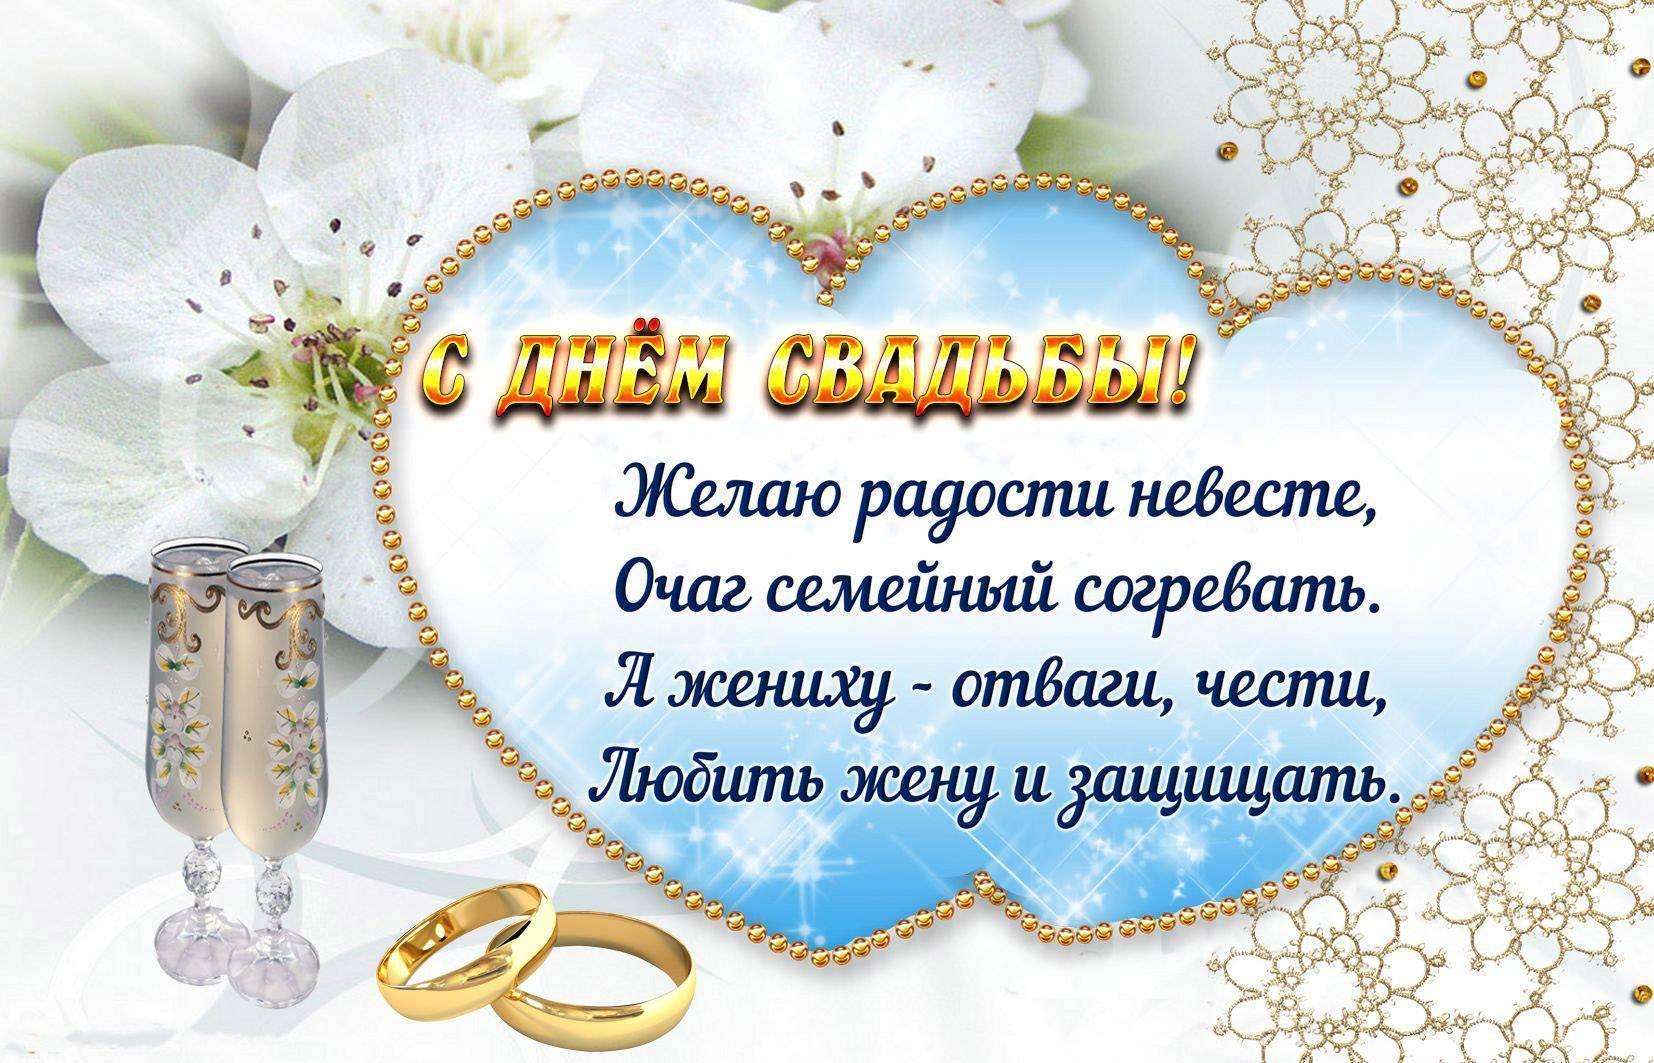 Красивые тосты на свадьбу в стихах и прозе